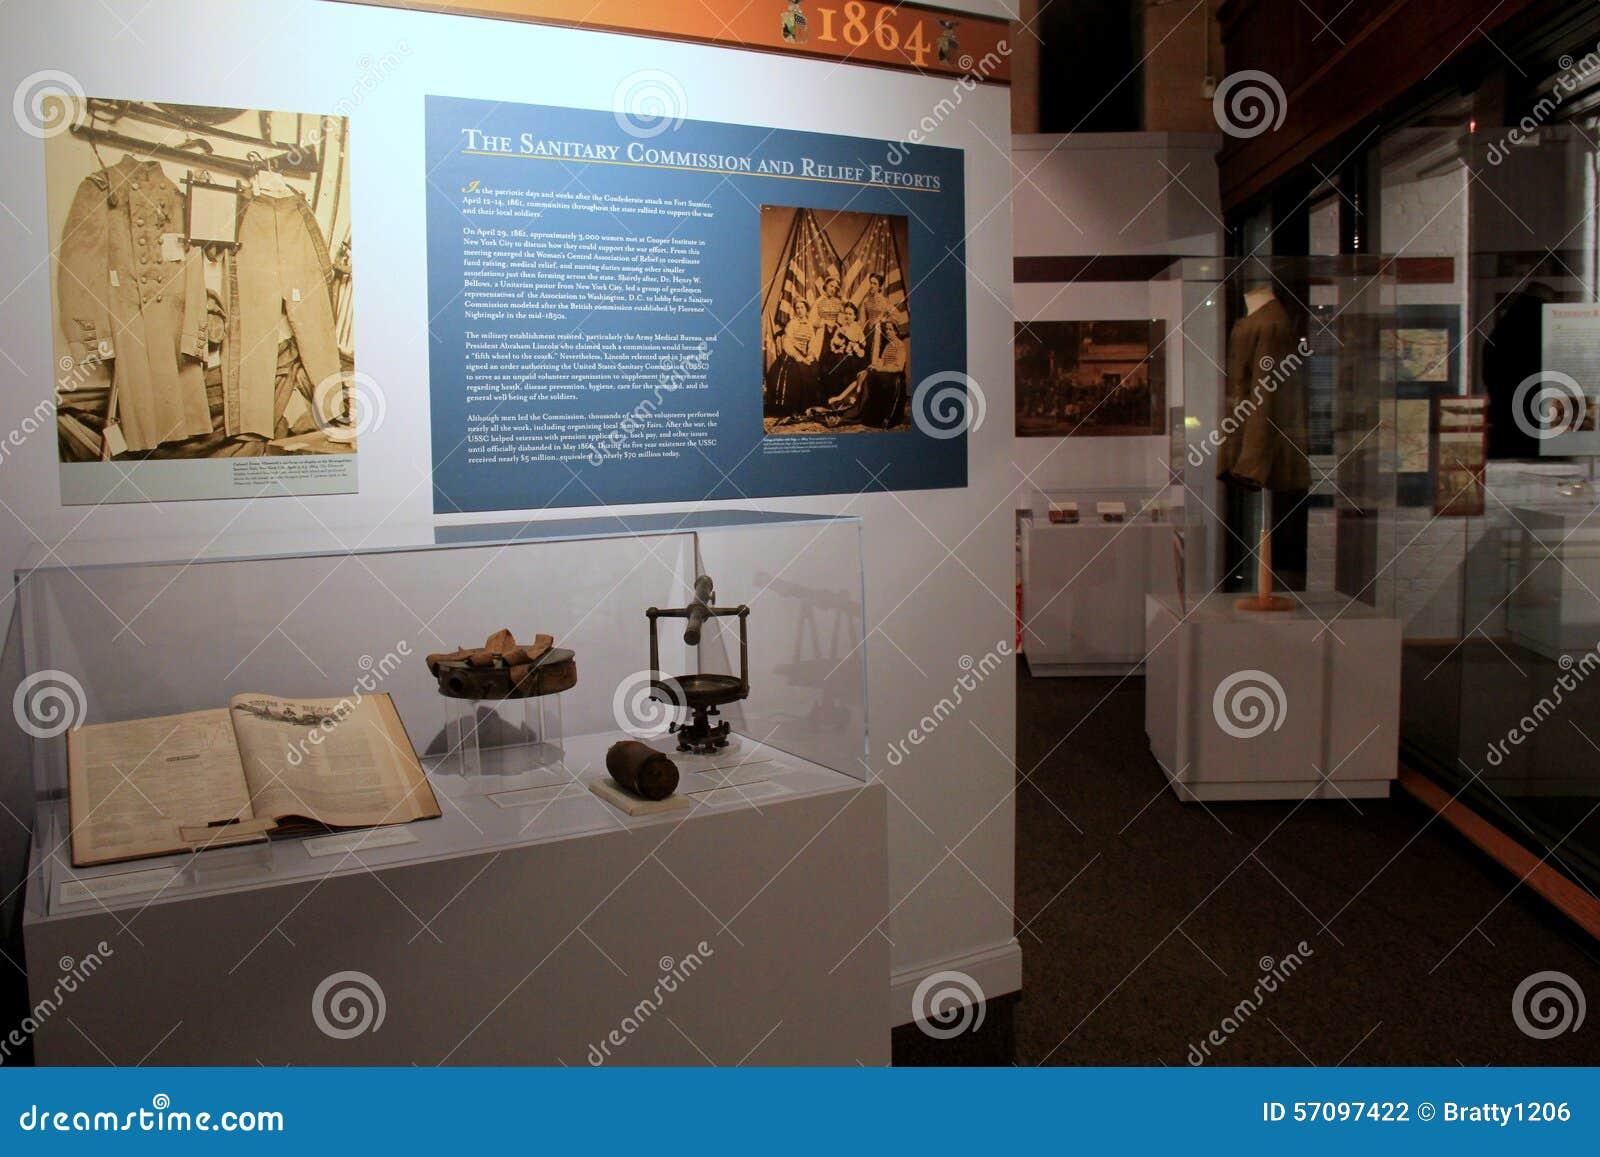 Historisk skärm av den sanitära kommissionen och hjälpaktionen, militärt museum för New York stat och veteranforskningscentrum, 2